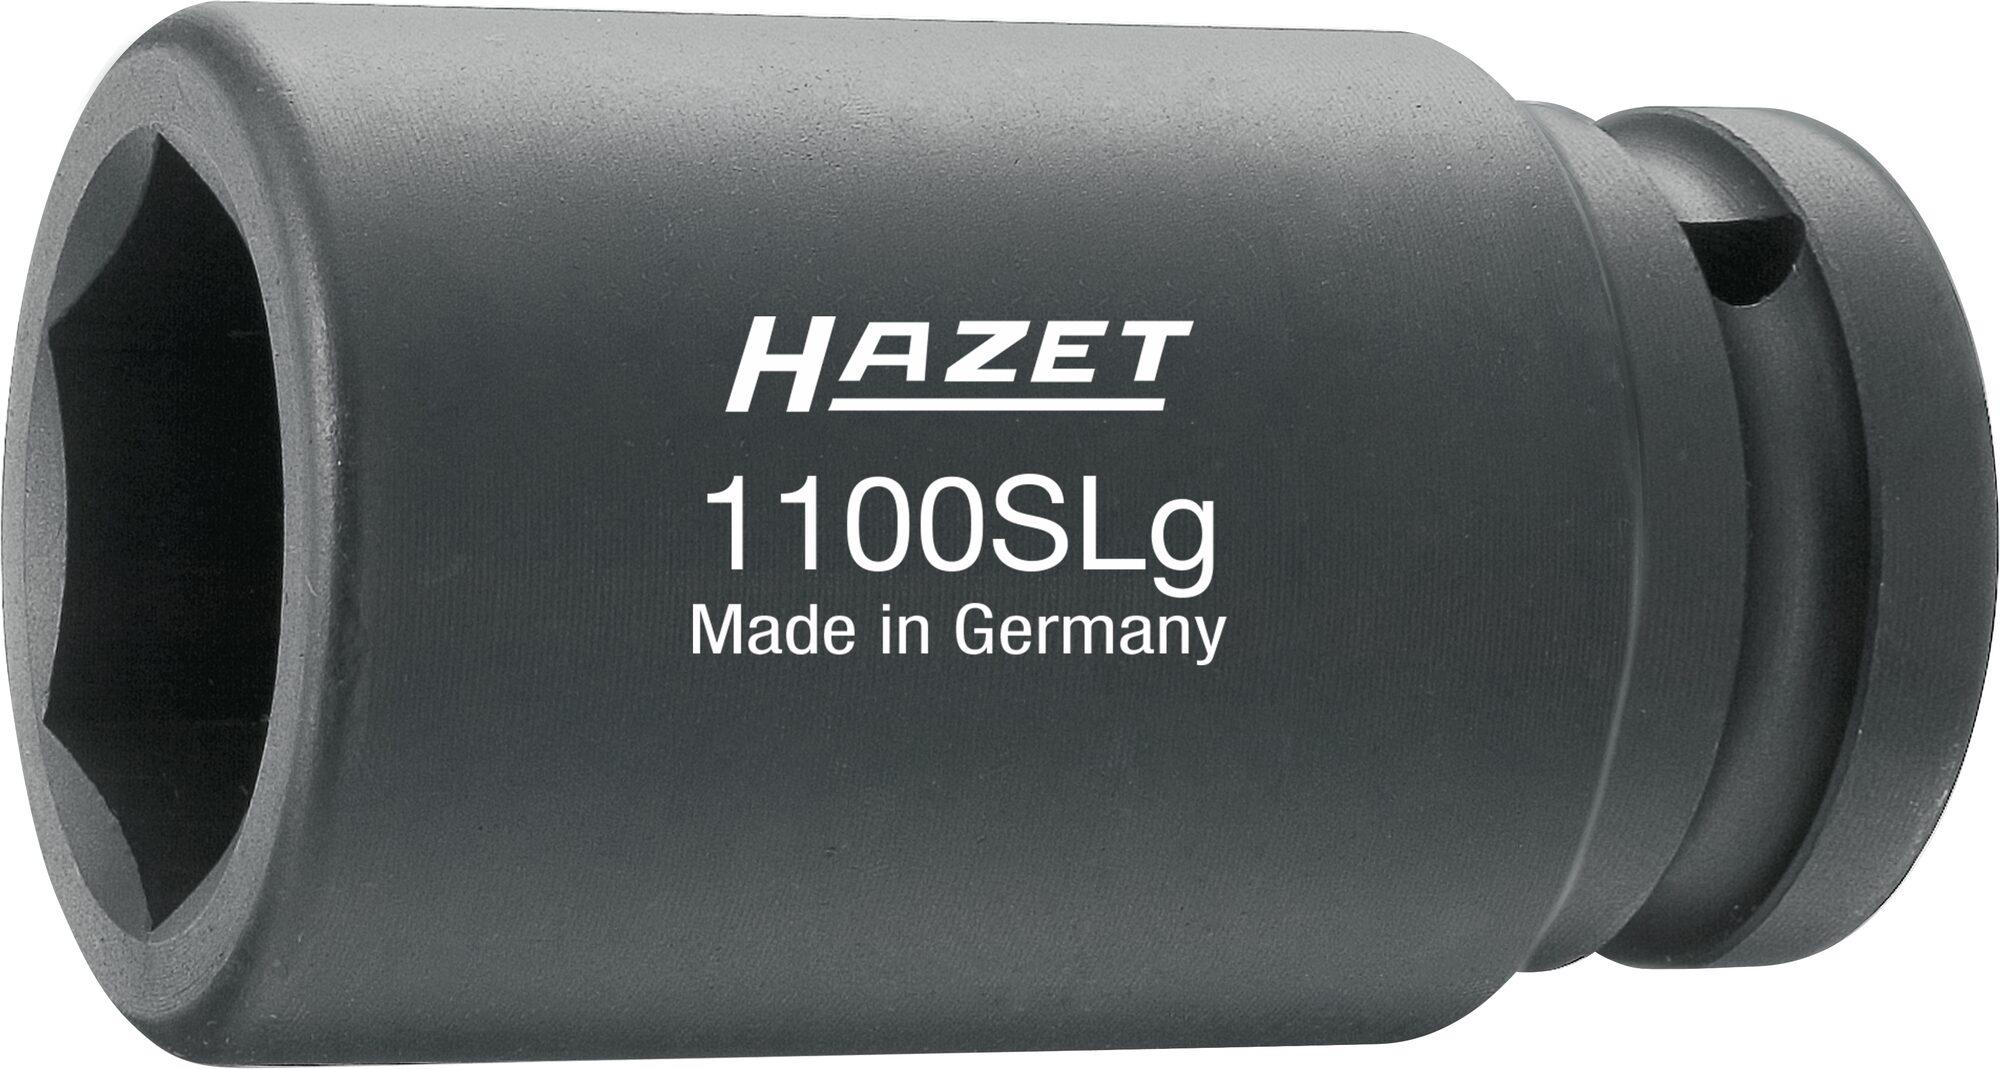 HAZET Schlag- ∙ Maschinenschrauber Steckschlüsseleinsatz ∙ Sechskant 1100SLG-27 ∙ Vierkant hohl 25 mm (1 Zoll) ∙ 27 mm